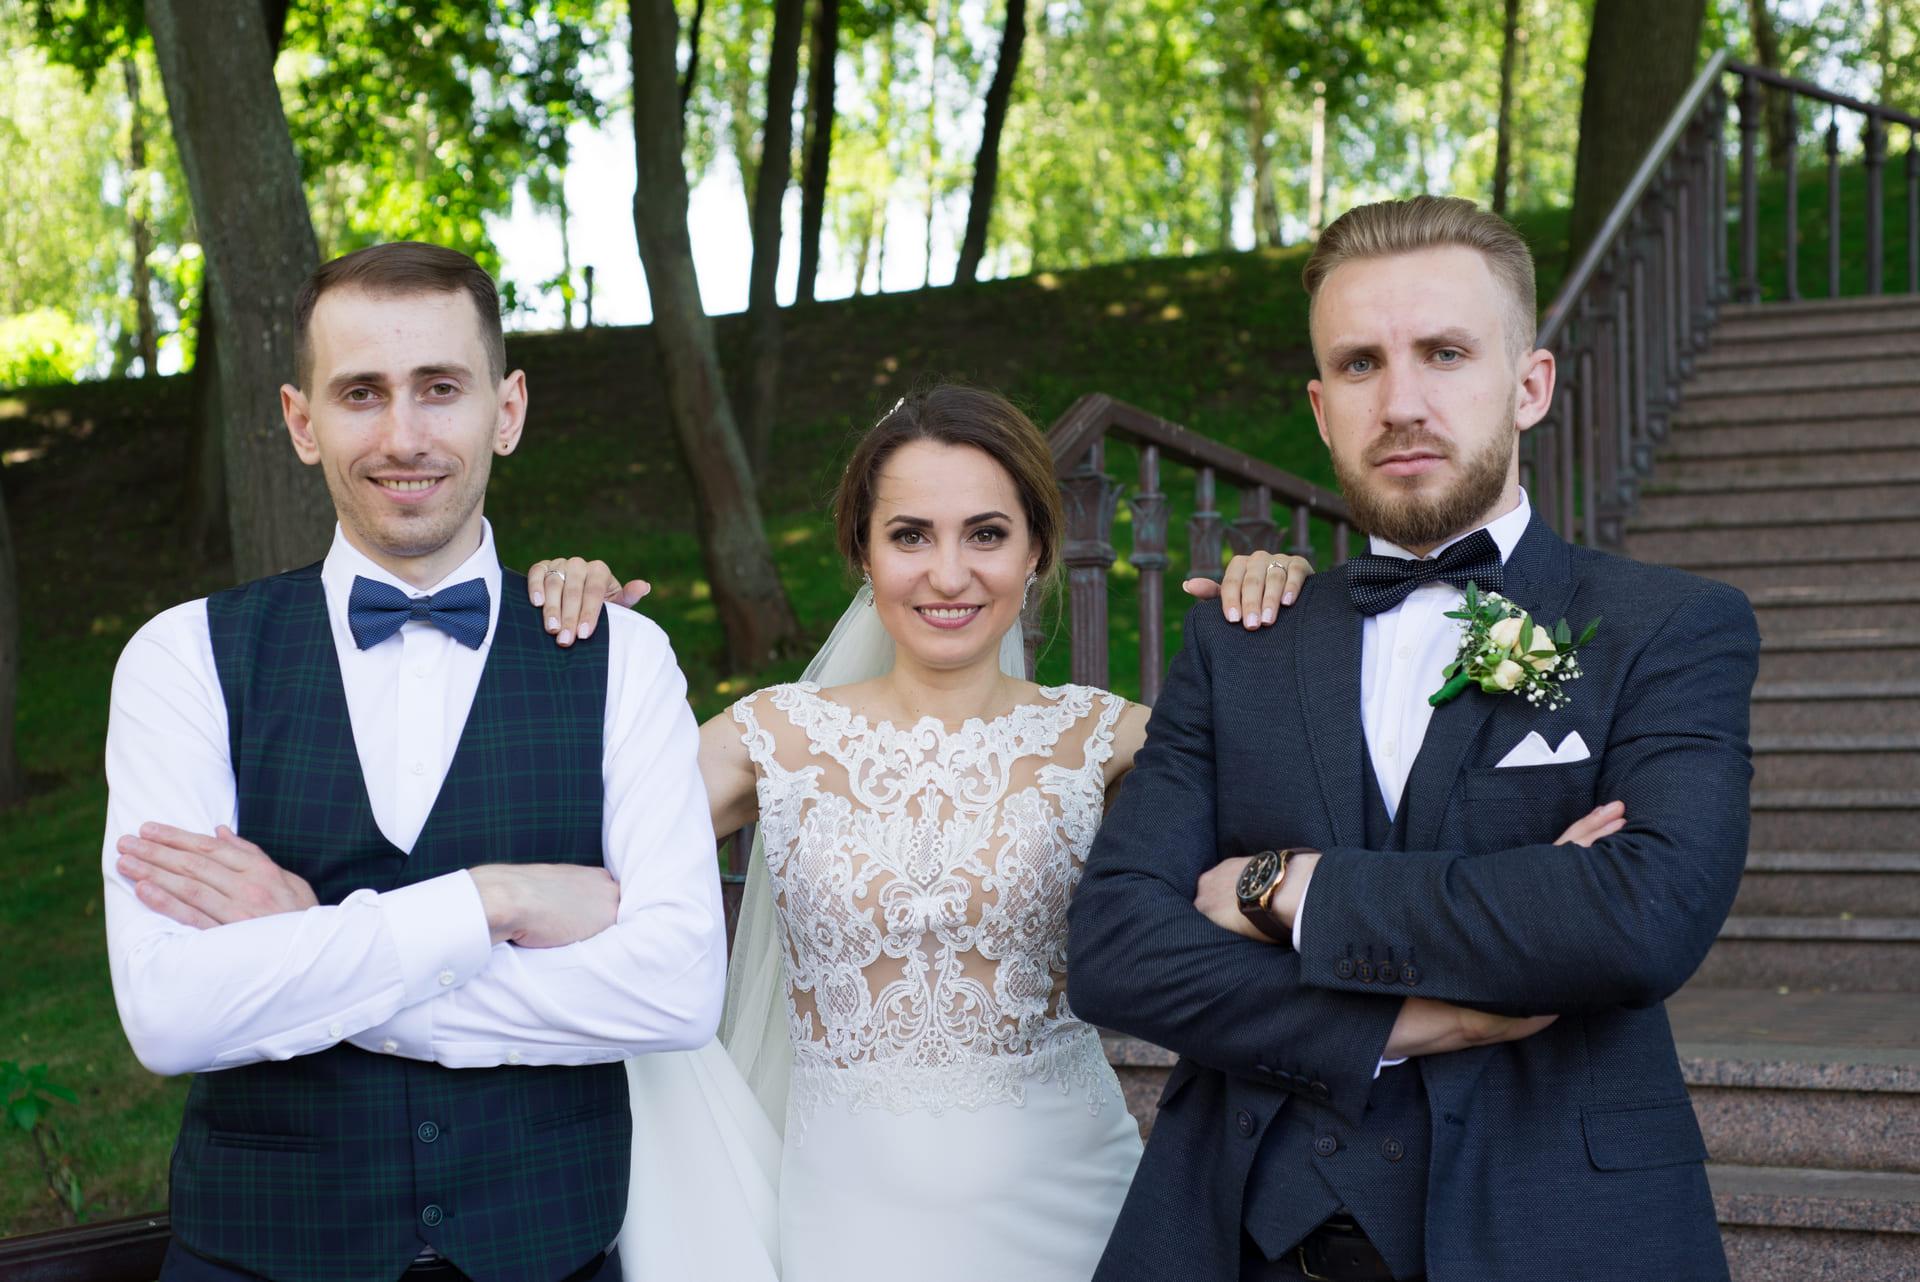 Свадебная фотосессия в Межигорье: Невеста, жених и свидетель